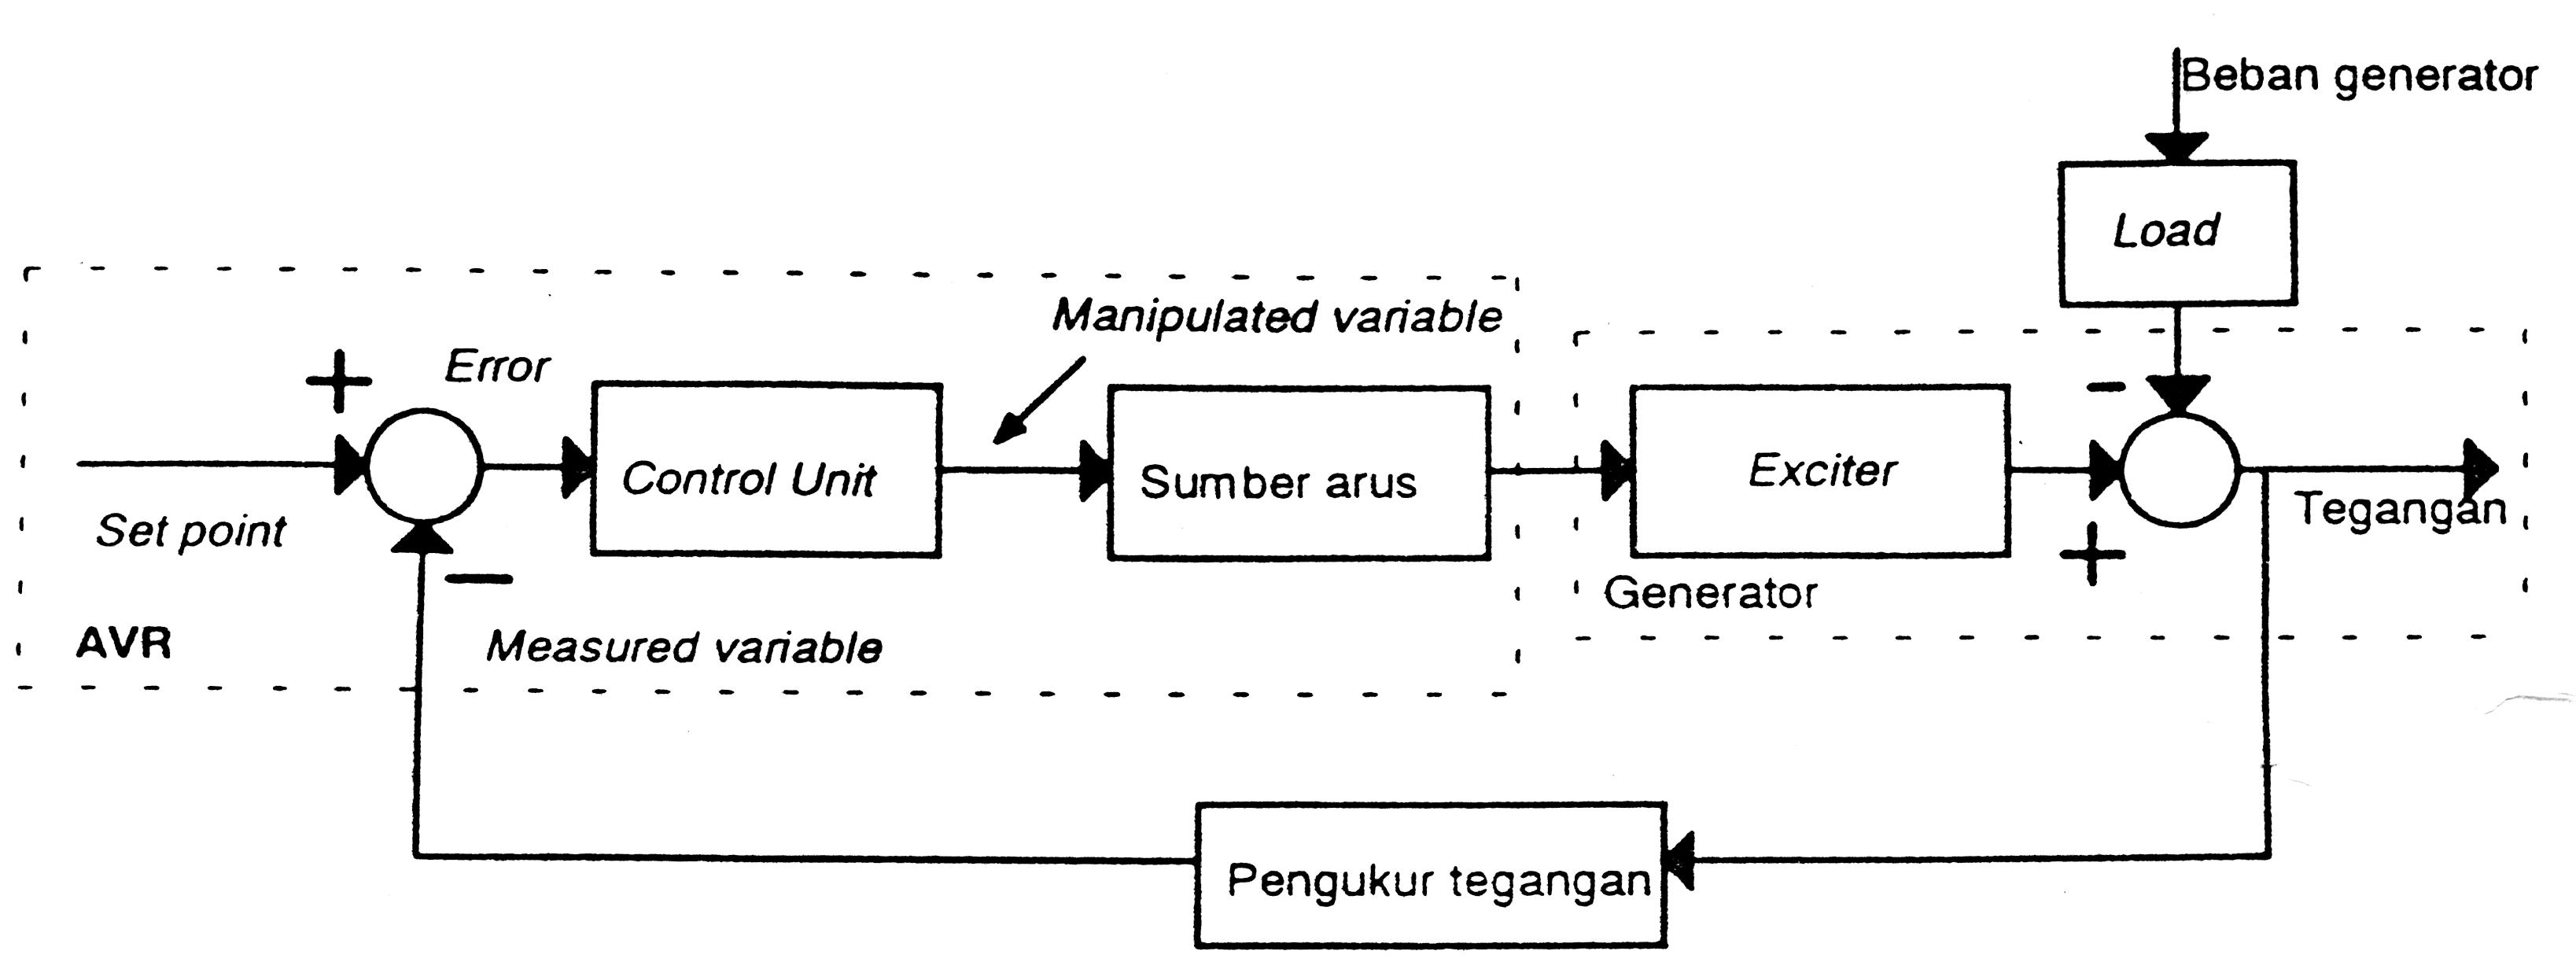 Perfect blok diagram photos electrical diagram ideas piotomarfo ls 02 blok diagram televisi konsep dasar sistem pengendalian media pembelajaran online ccuart Gallery